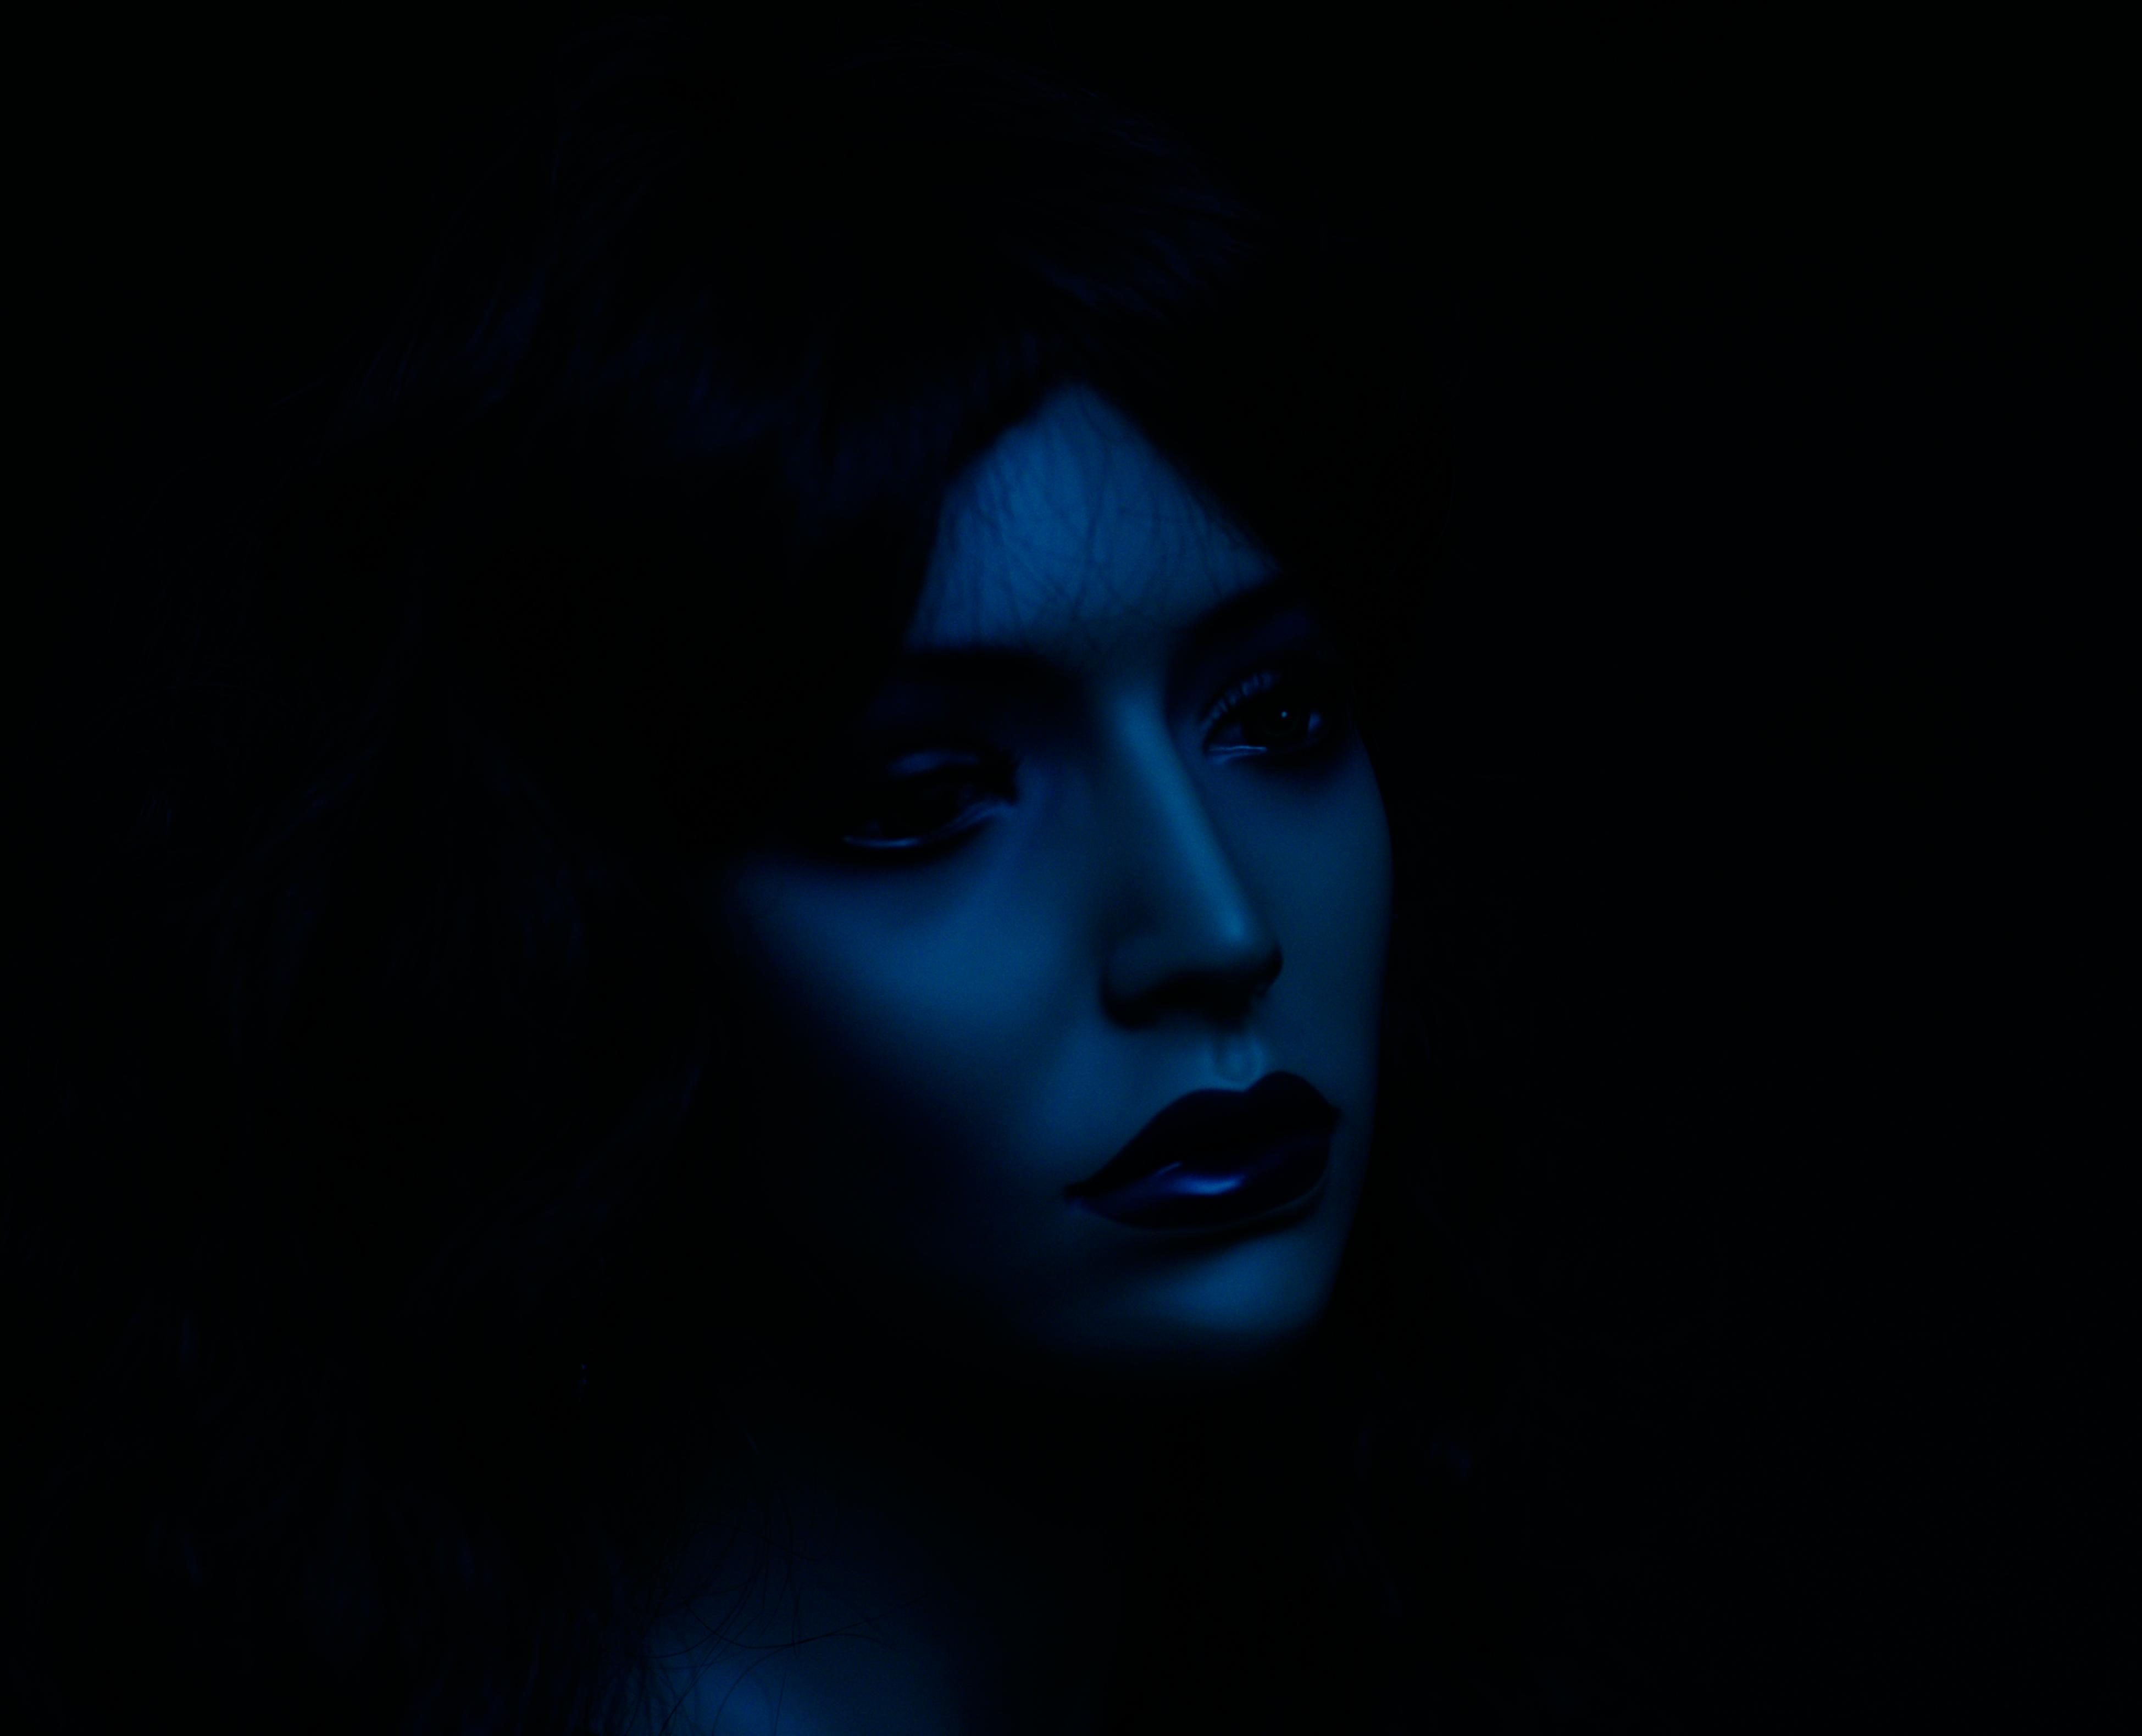 blue-manequin.0000031